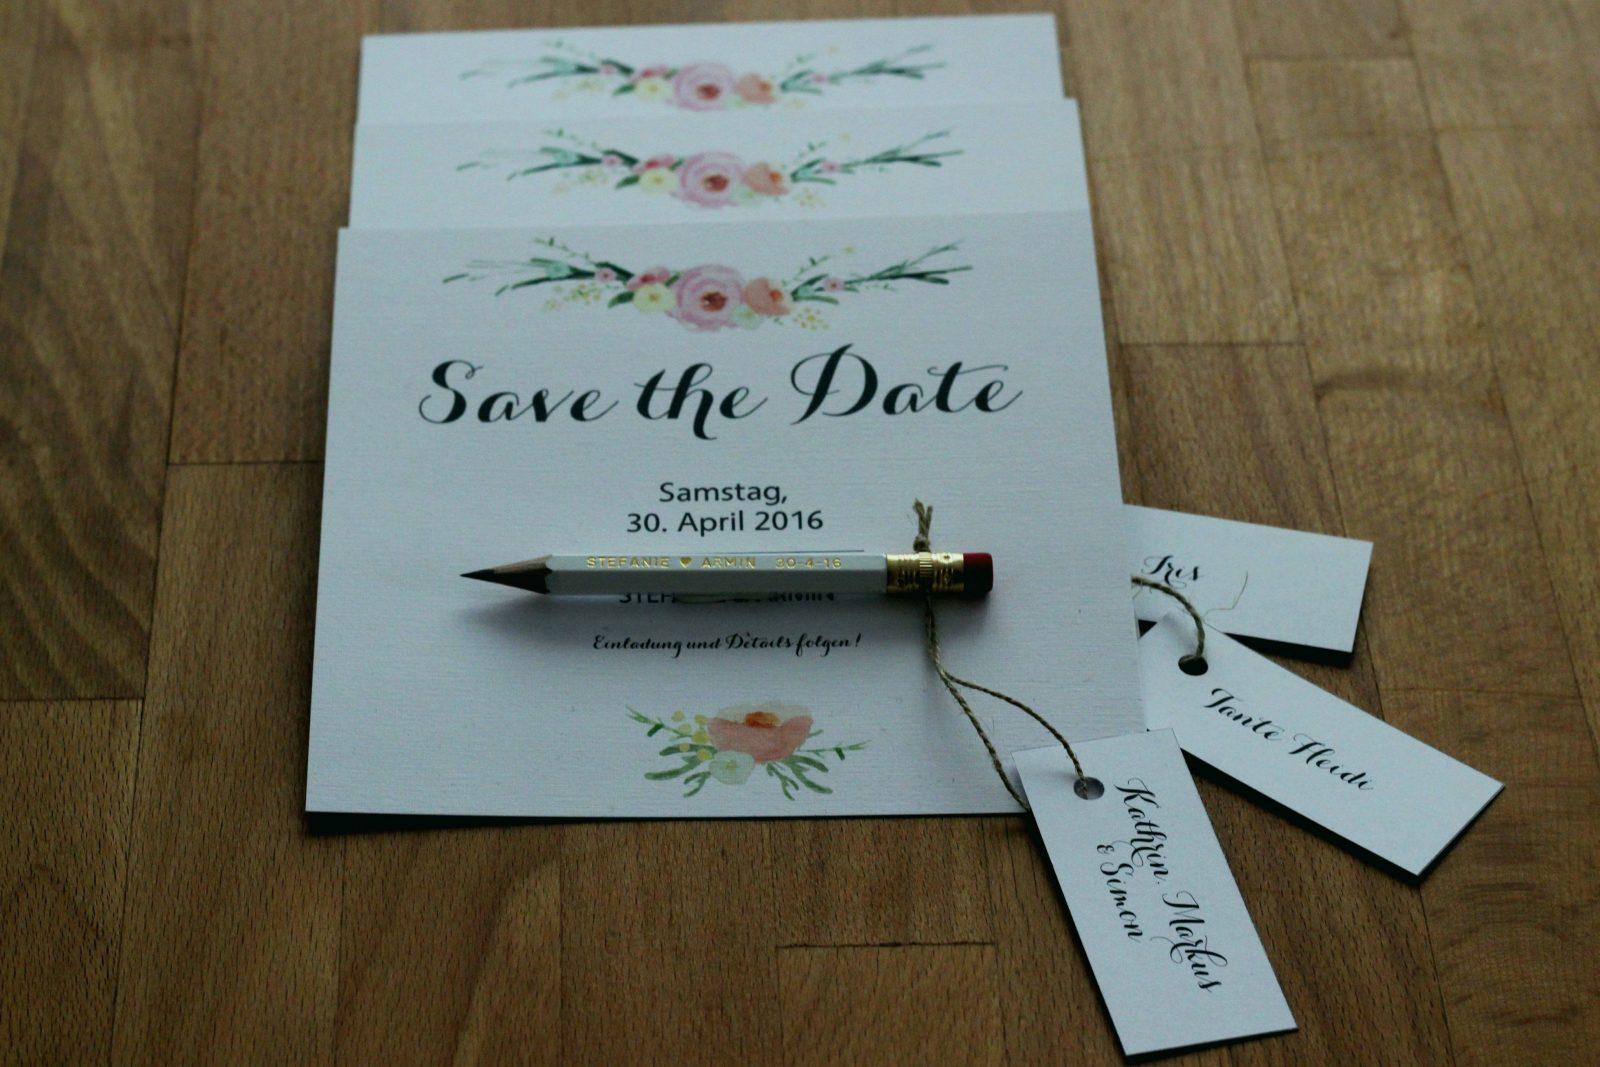 Save The Date Karten Selber Machen Fresh Save The Date Karten Selber von Save The Date Karten Basteln Photo